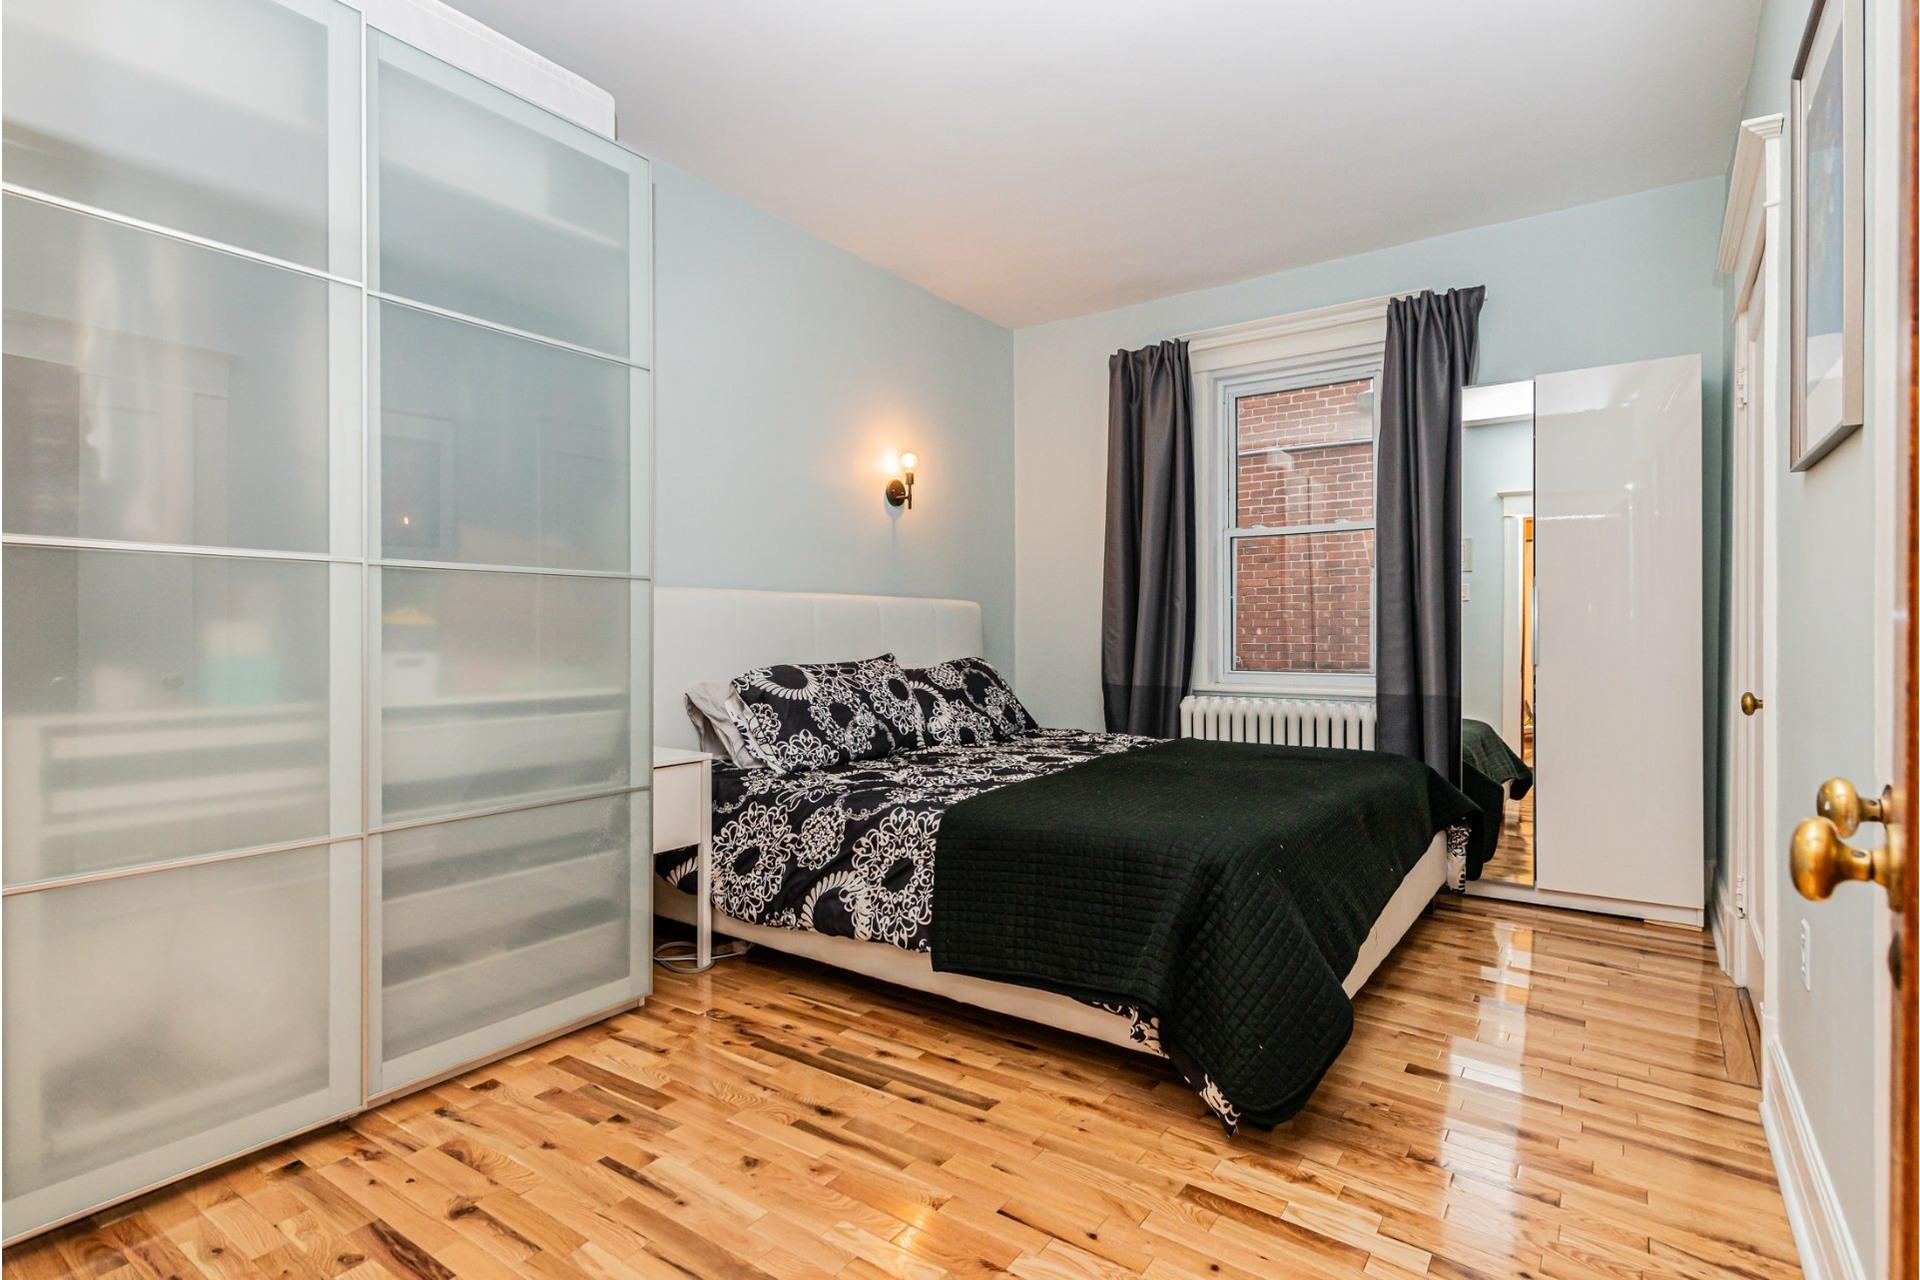 image 7 - Apartment For sale Côte-des-Neiges/Notre-Dame-de-Grâce Montréal  - 9 rooms